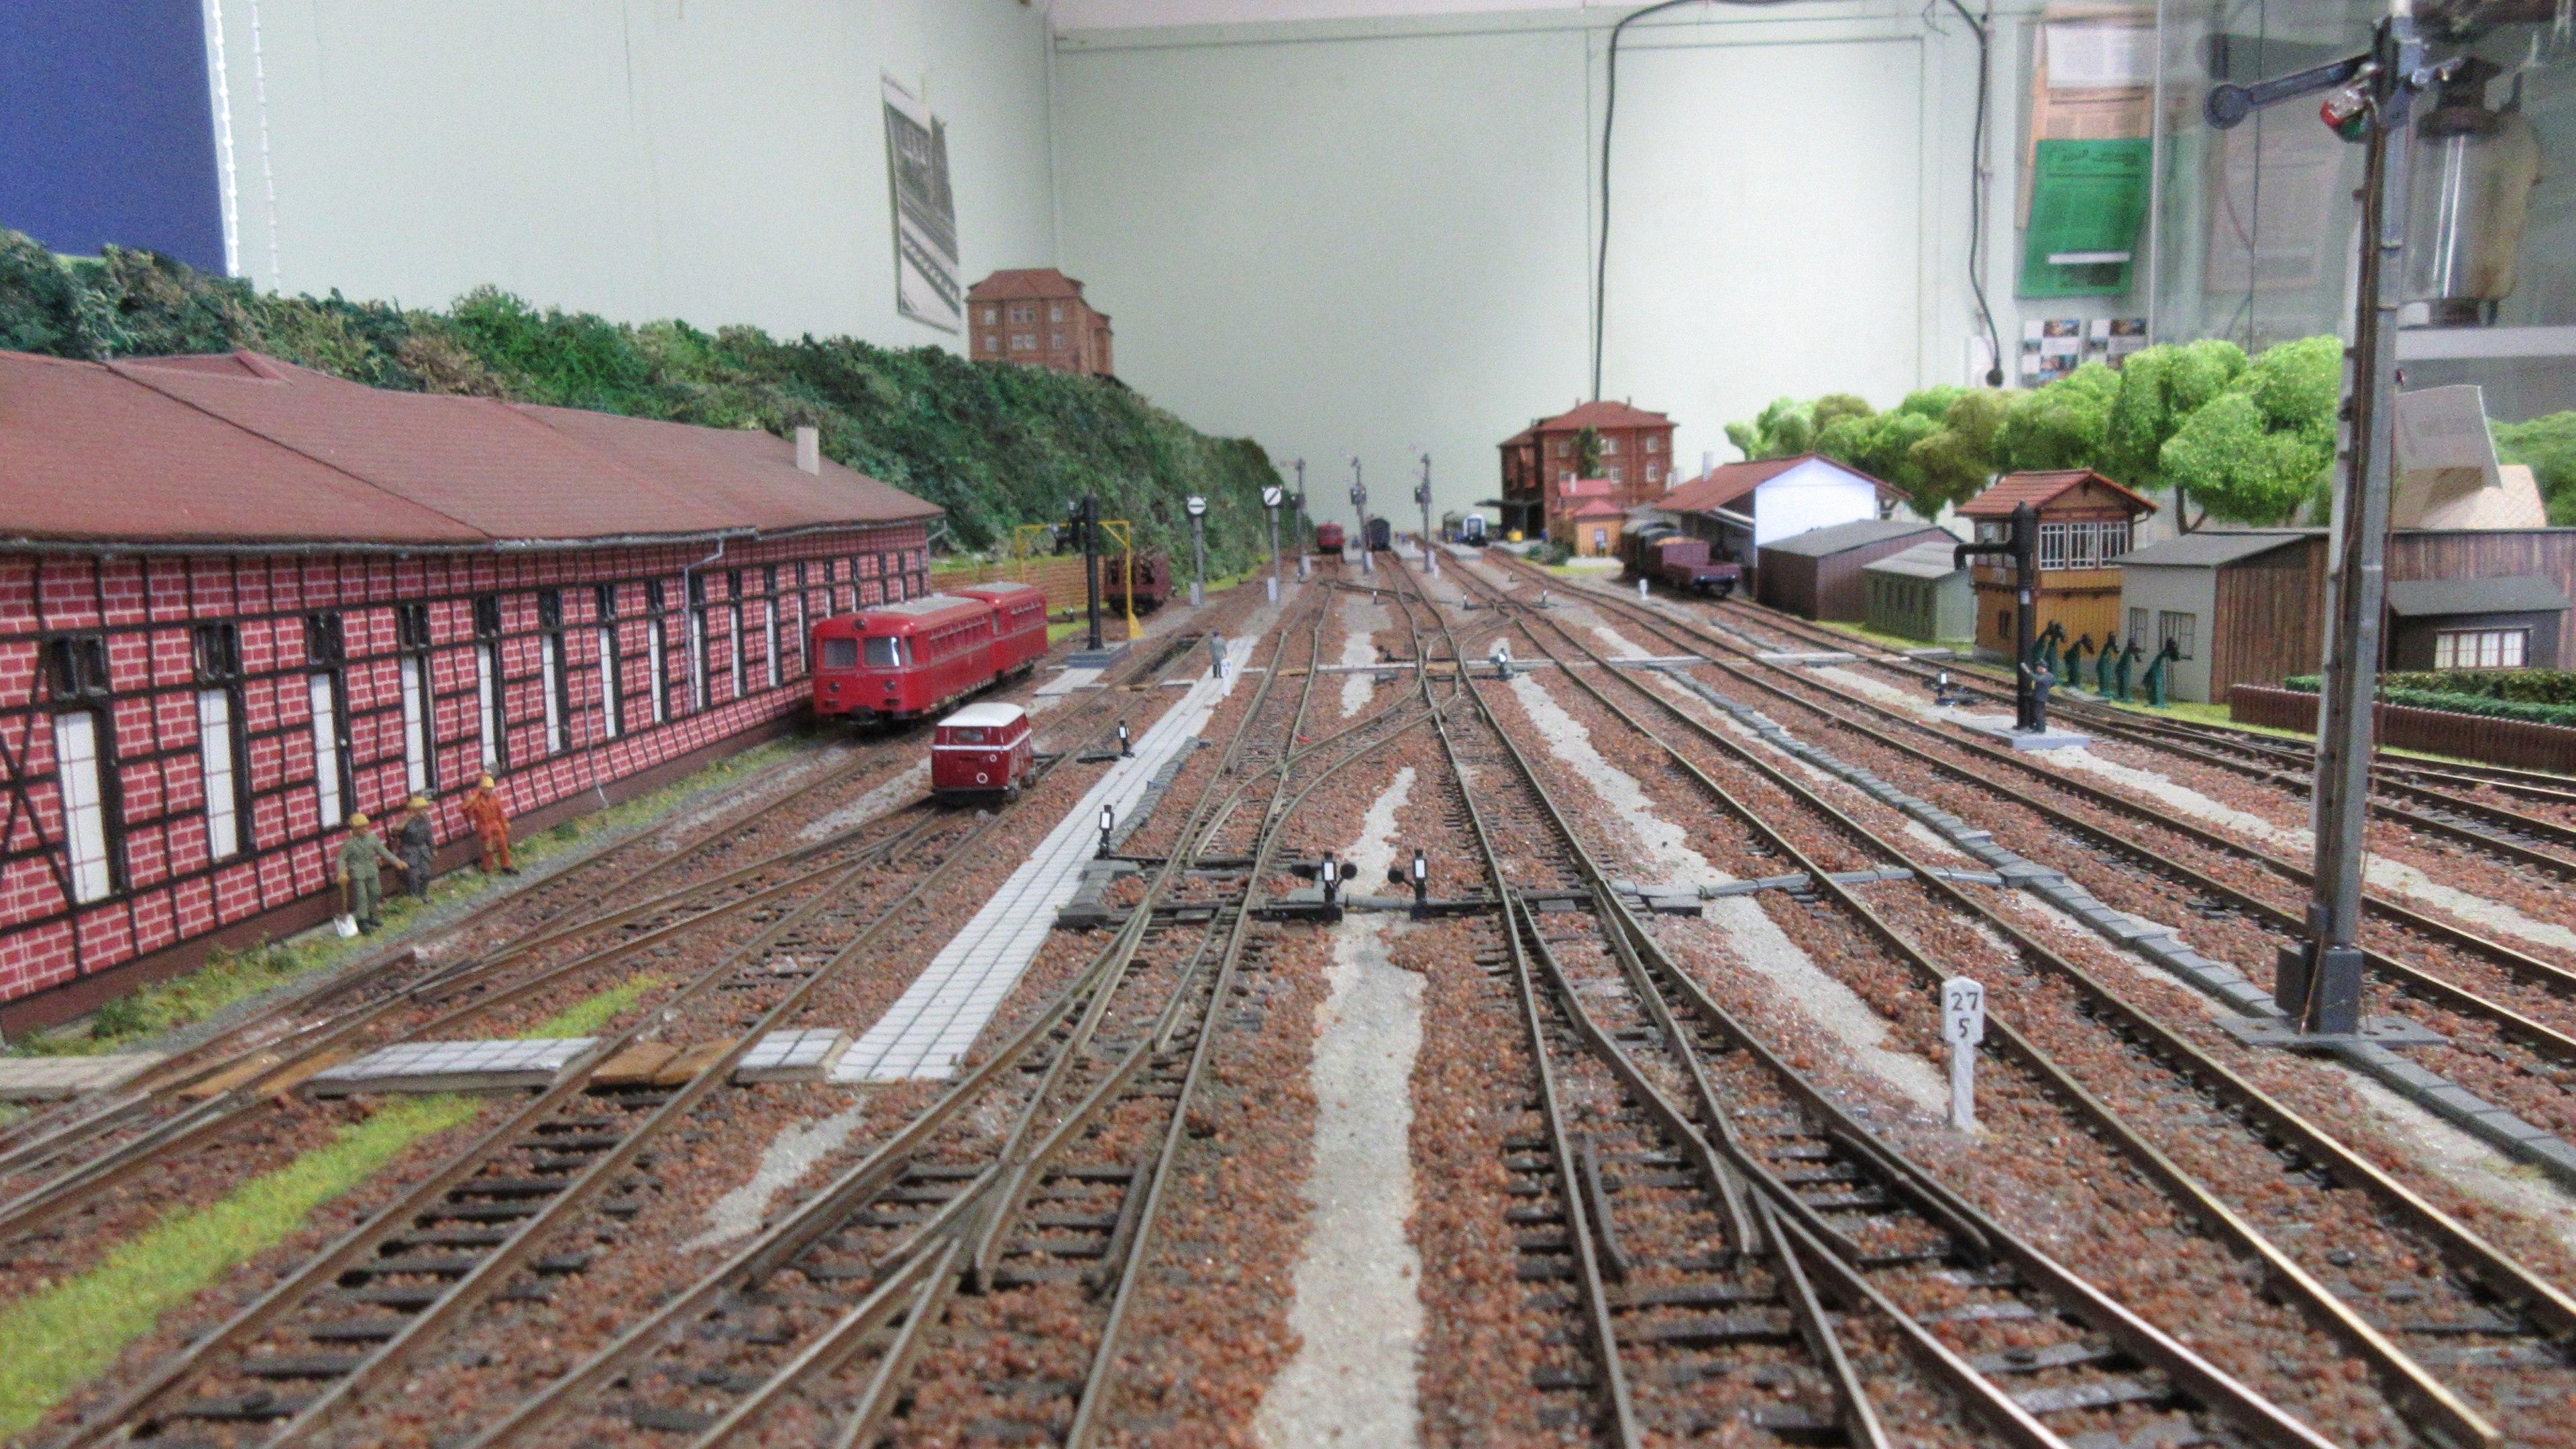 71 Modell Bahnhof Calw